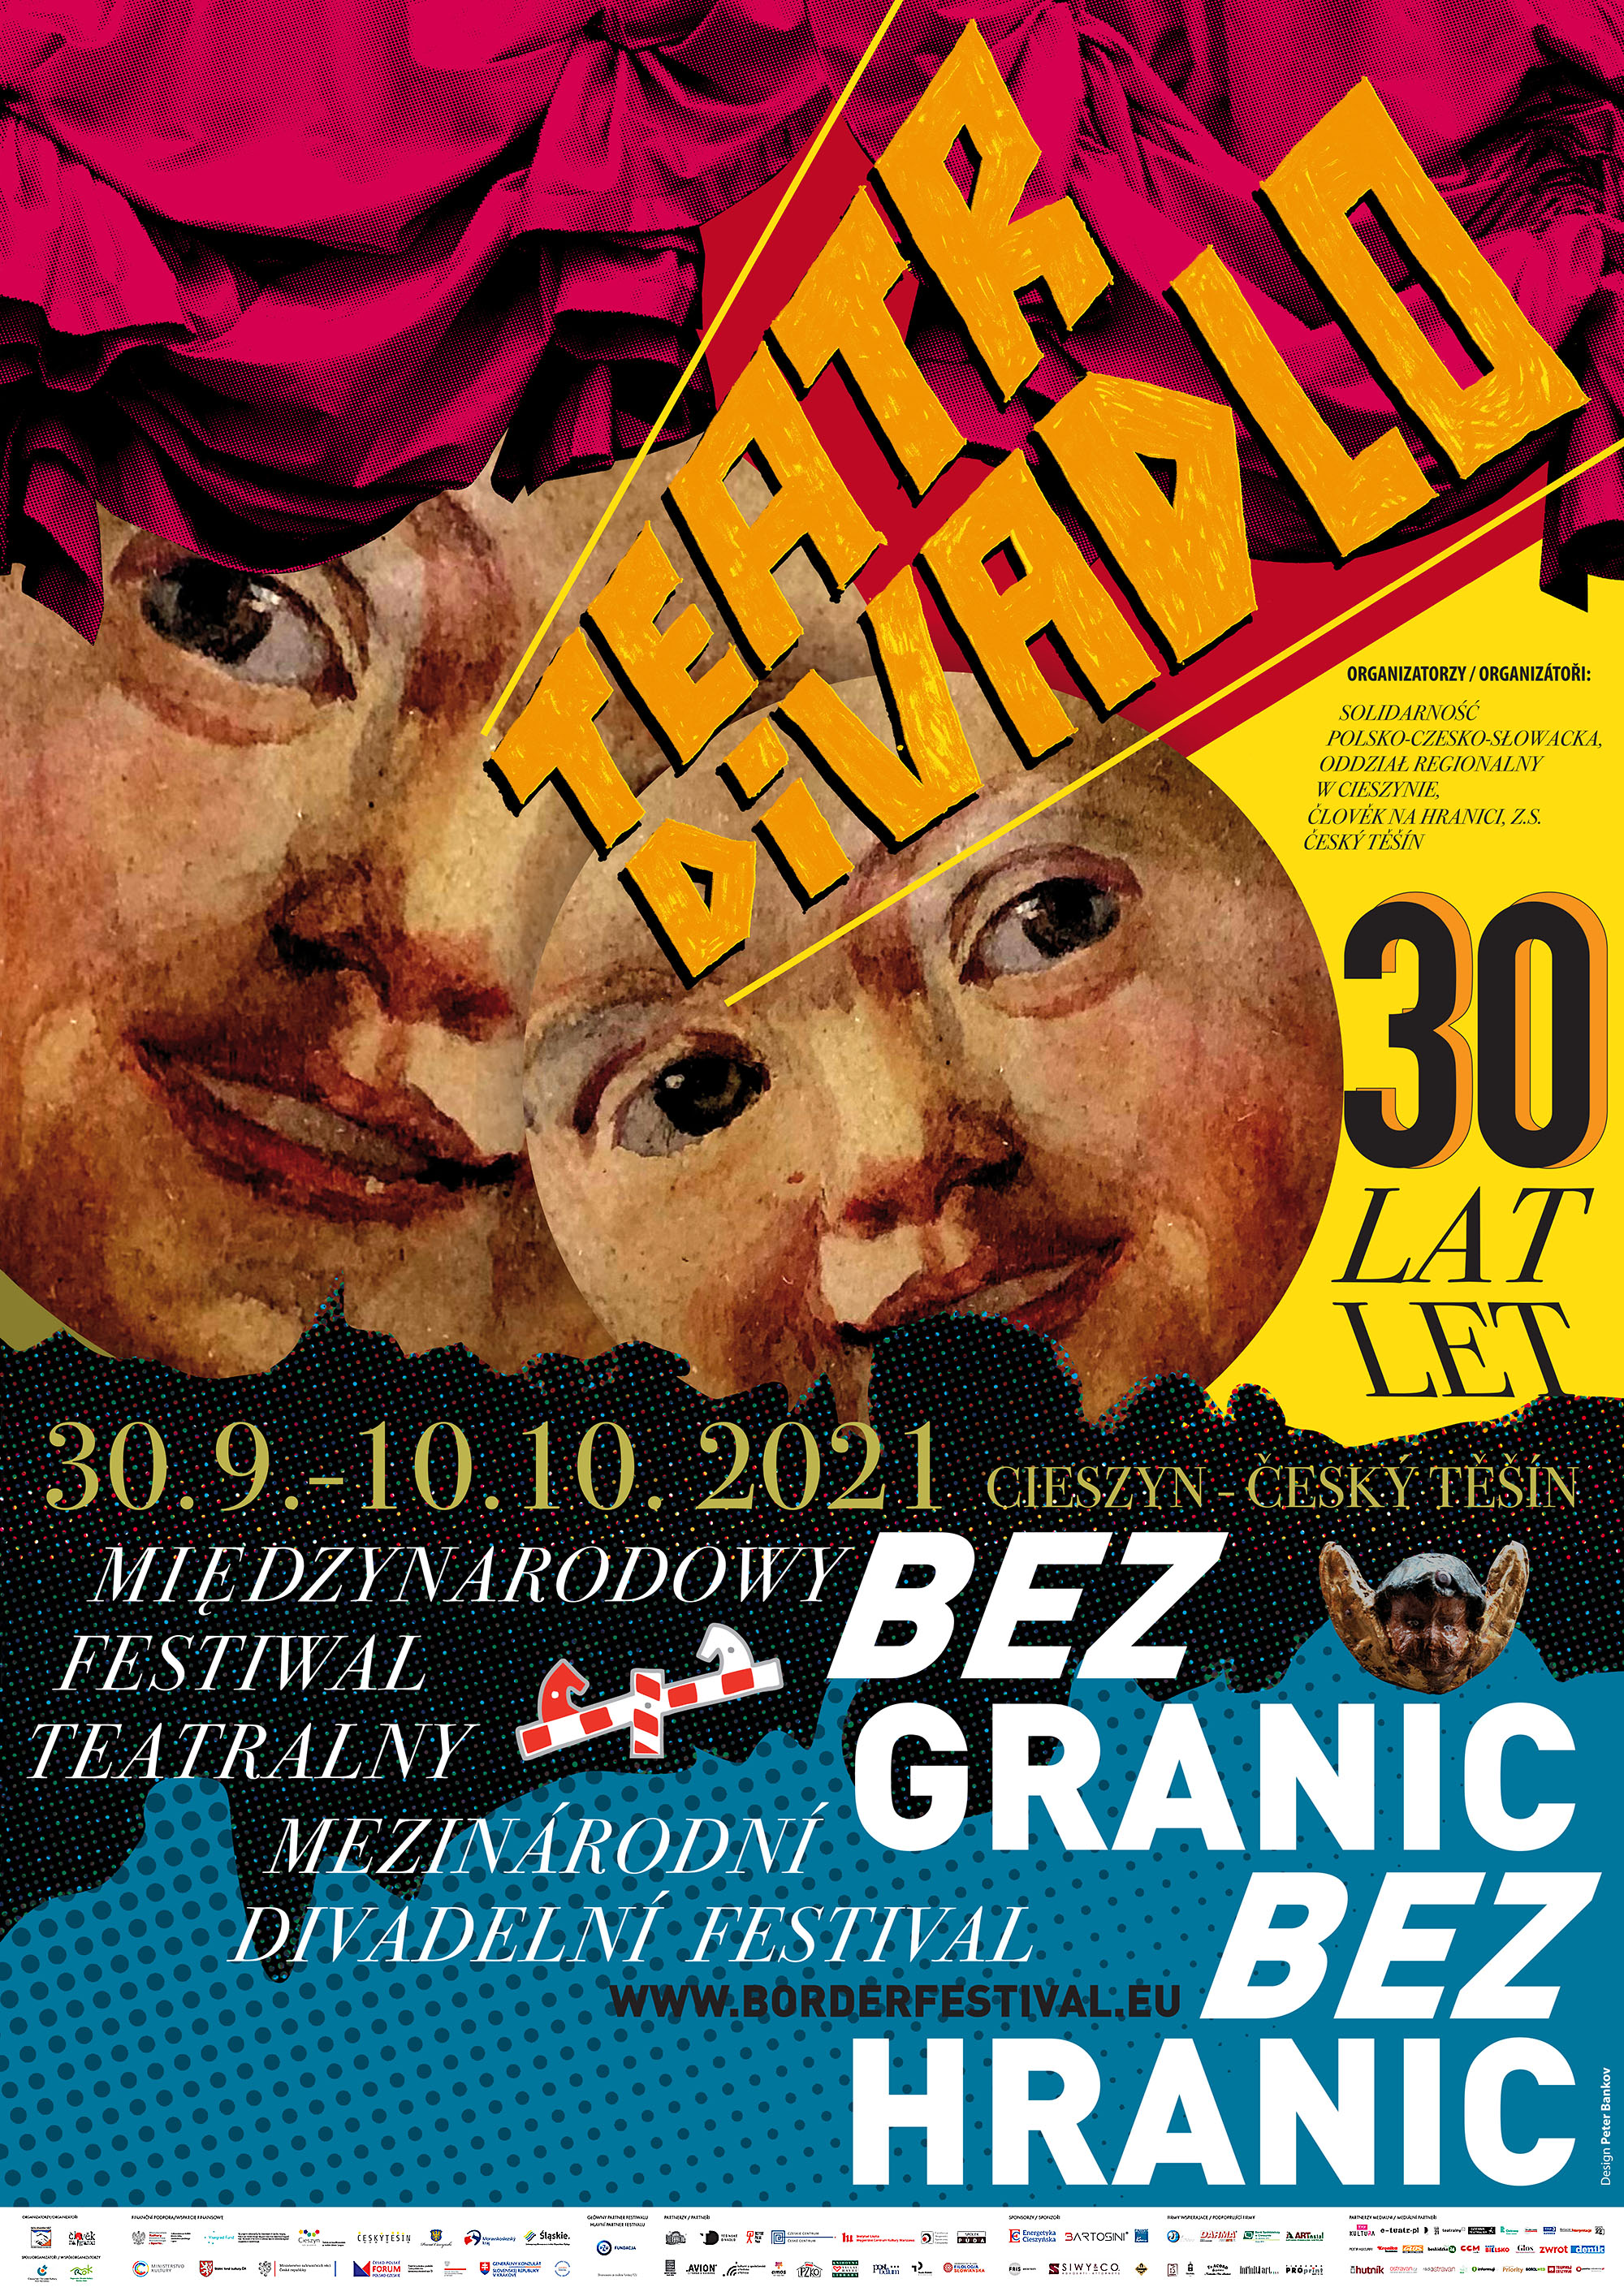 Międzynarodowy Festiwal Teatralny - Bez Granic Bez Hranic